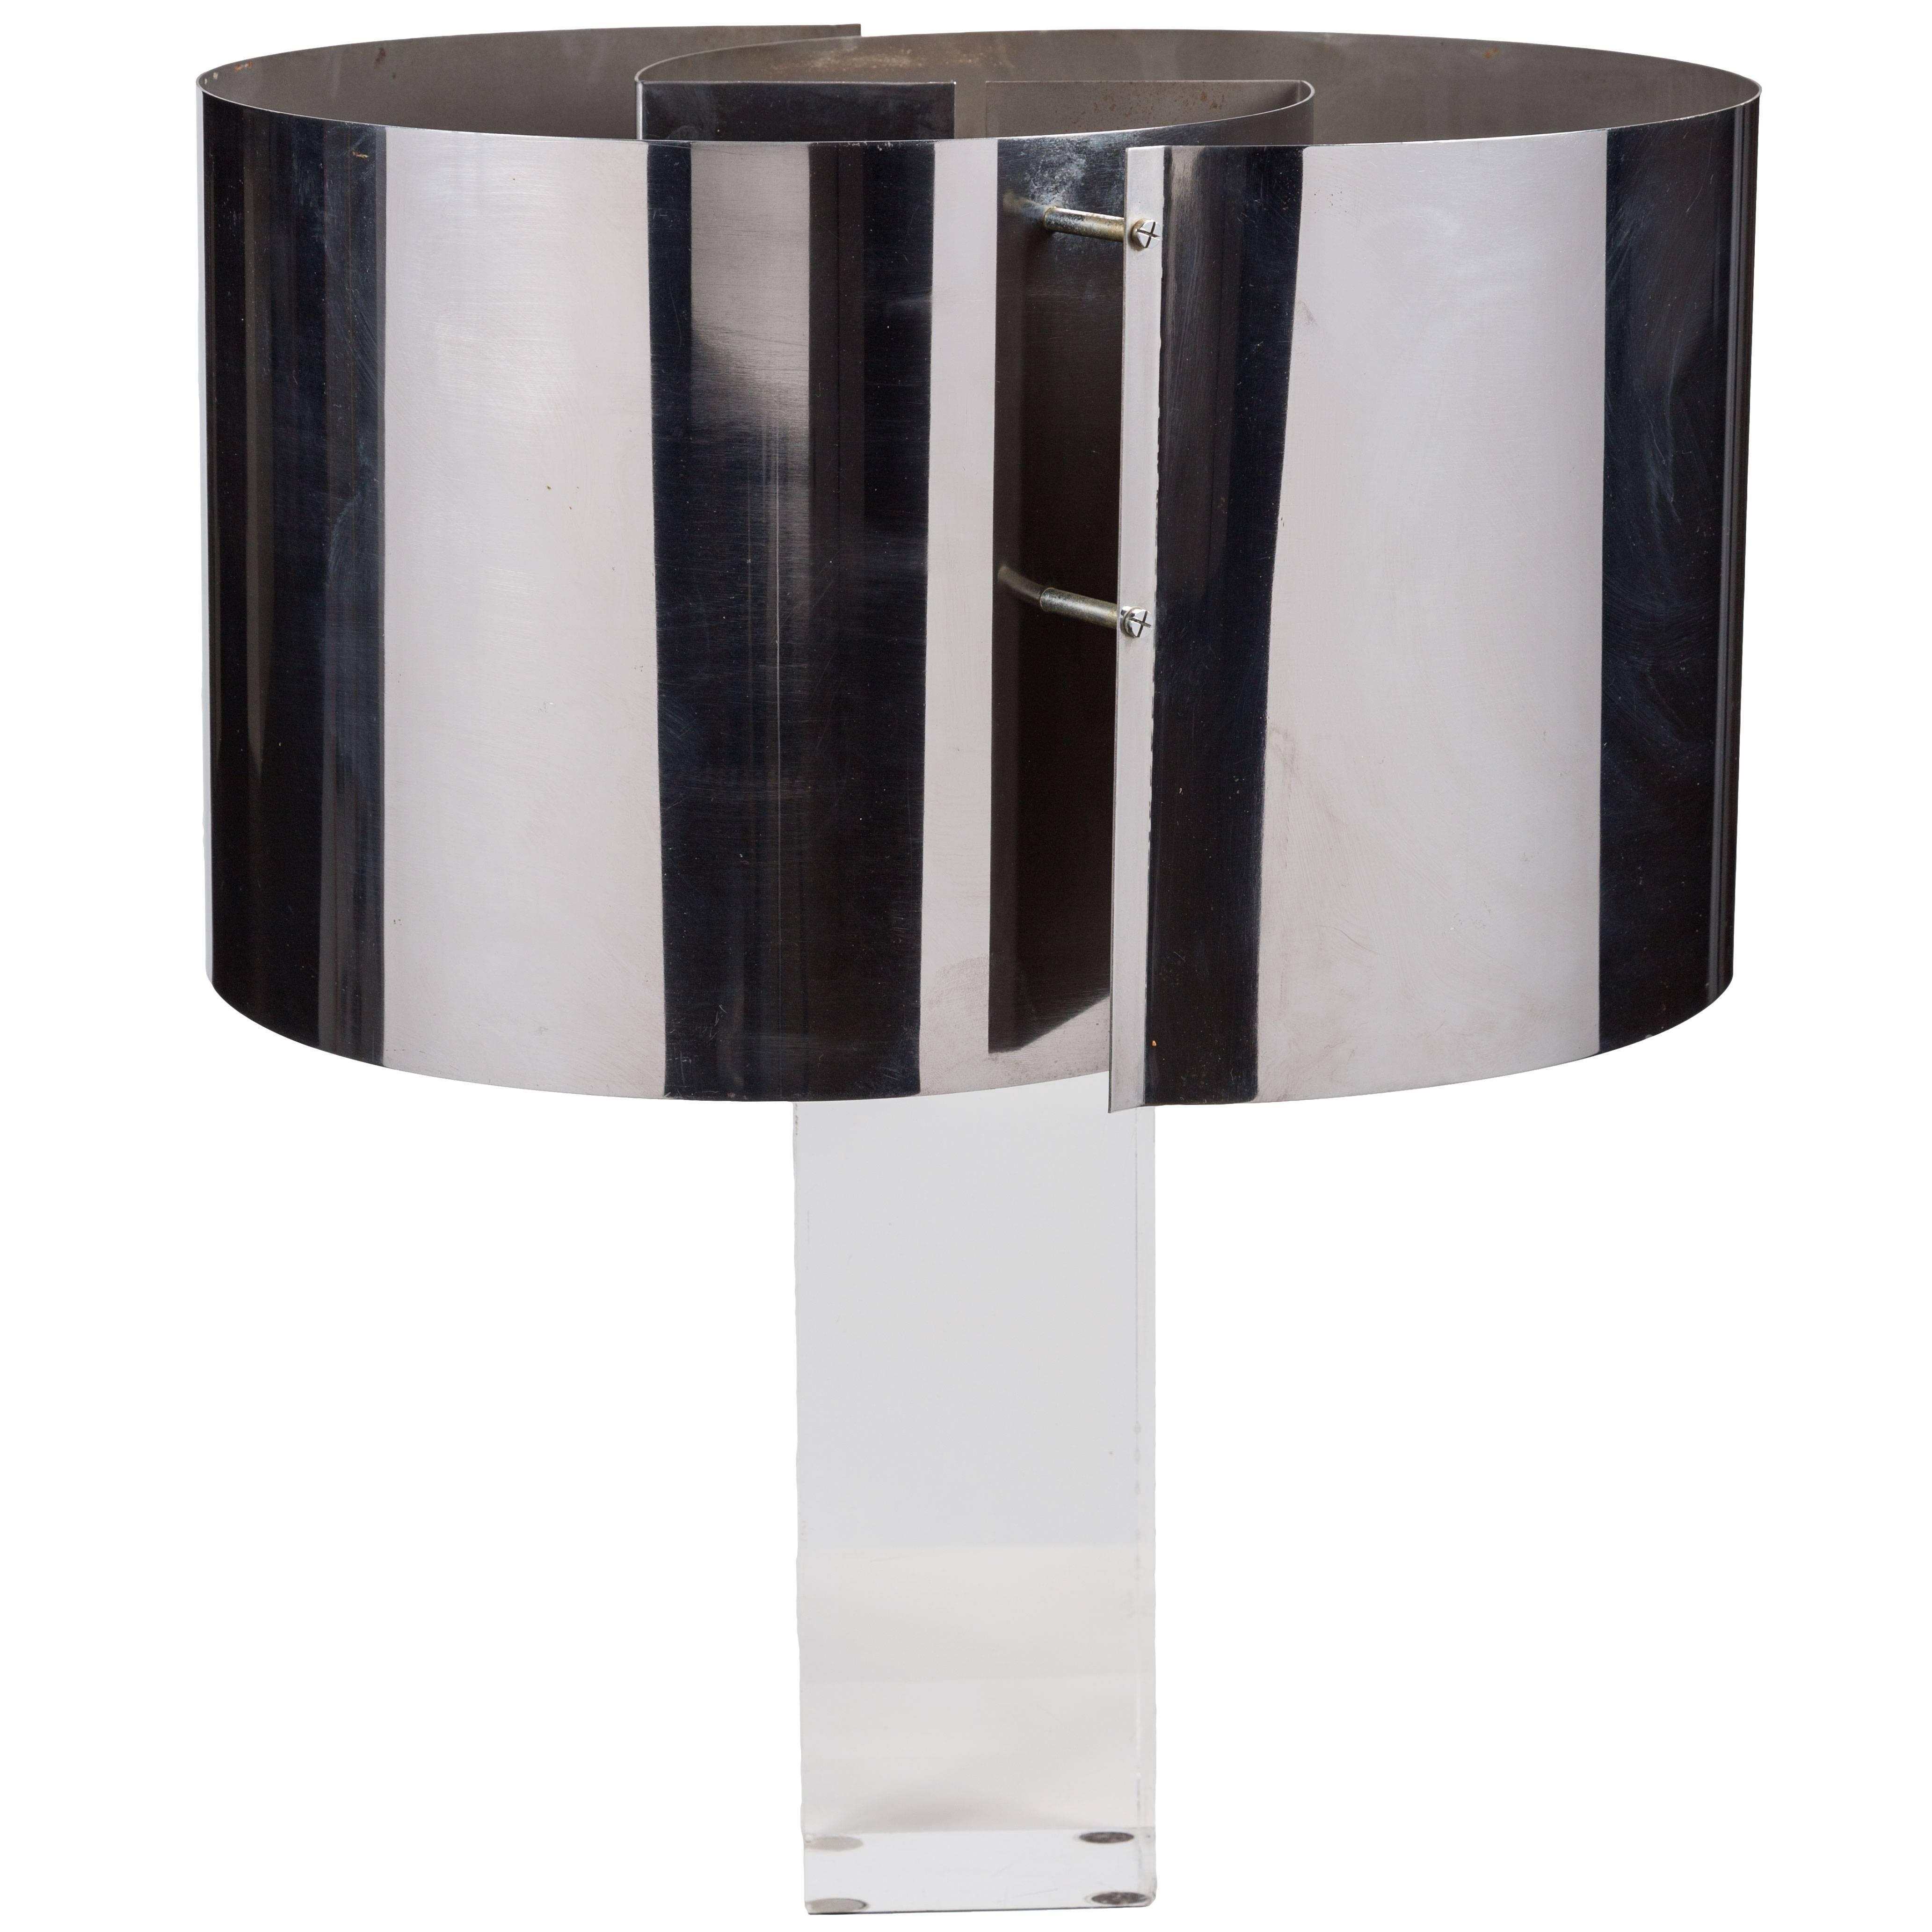 Rare Table Lamp by Gianfranco Fini & Fabrizio Cocchia